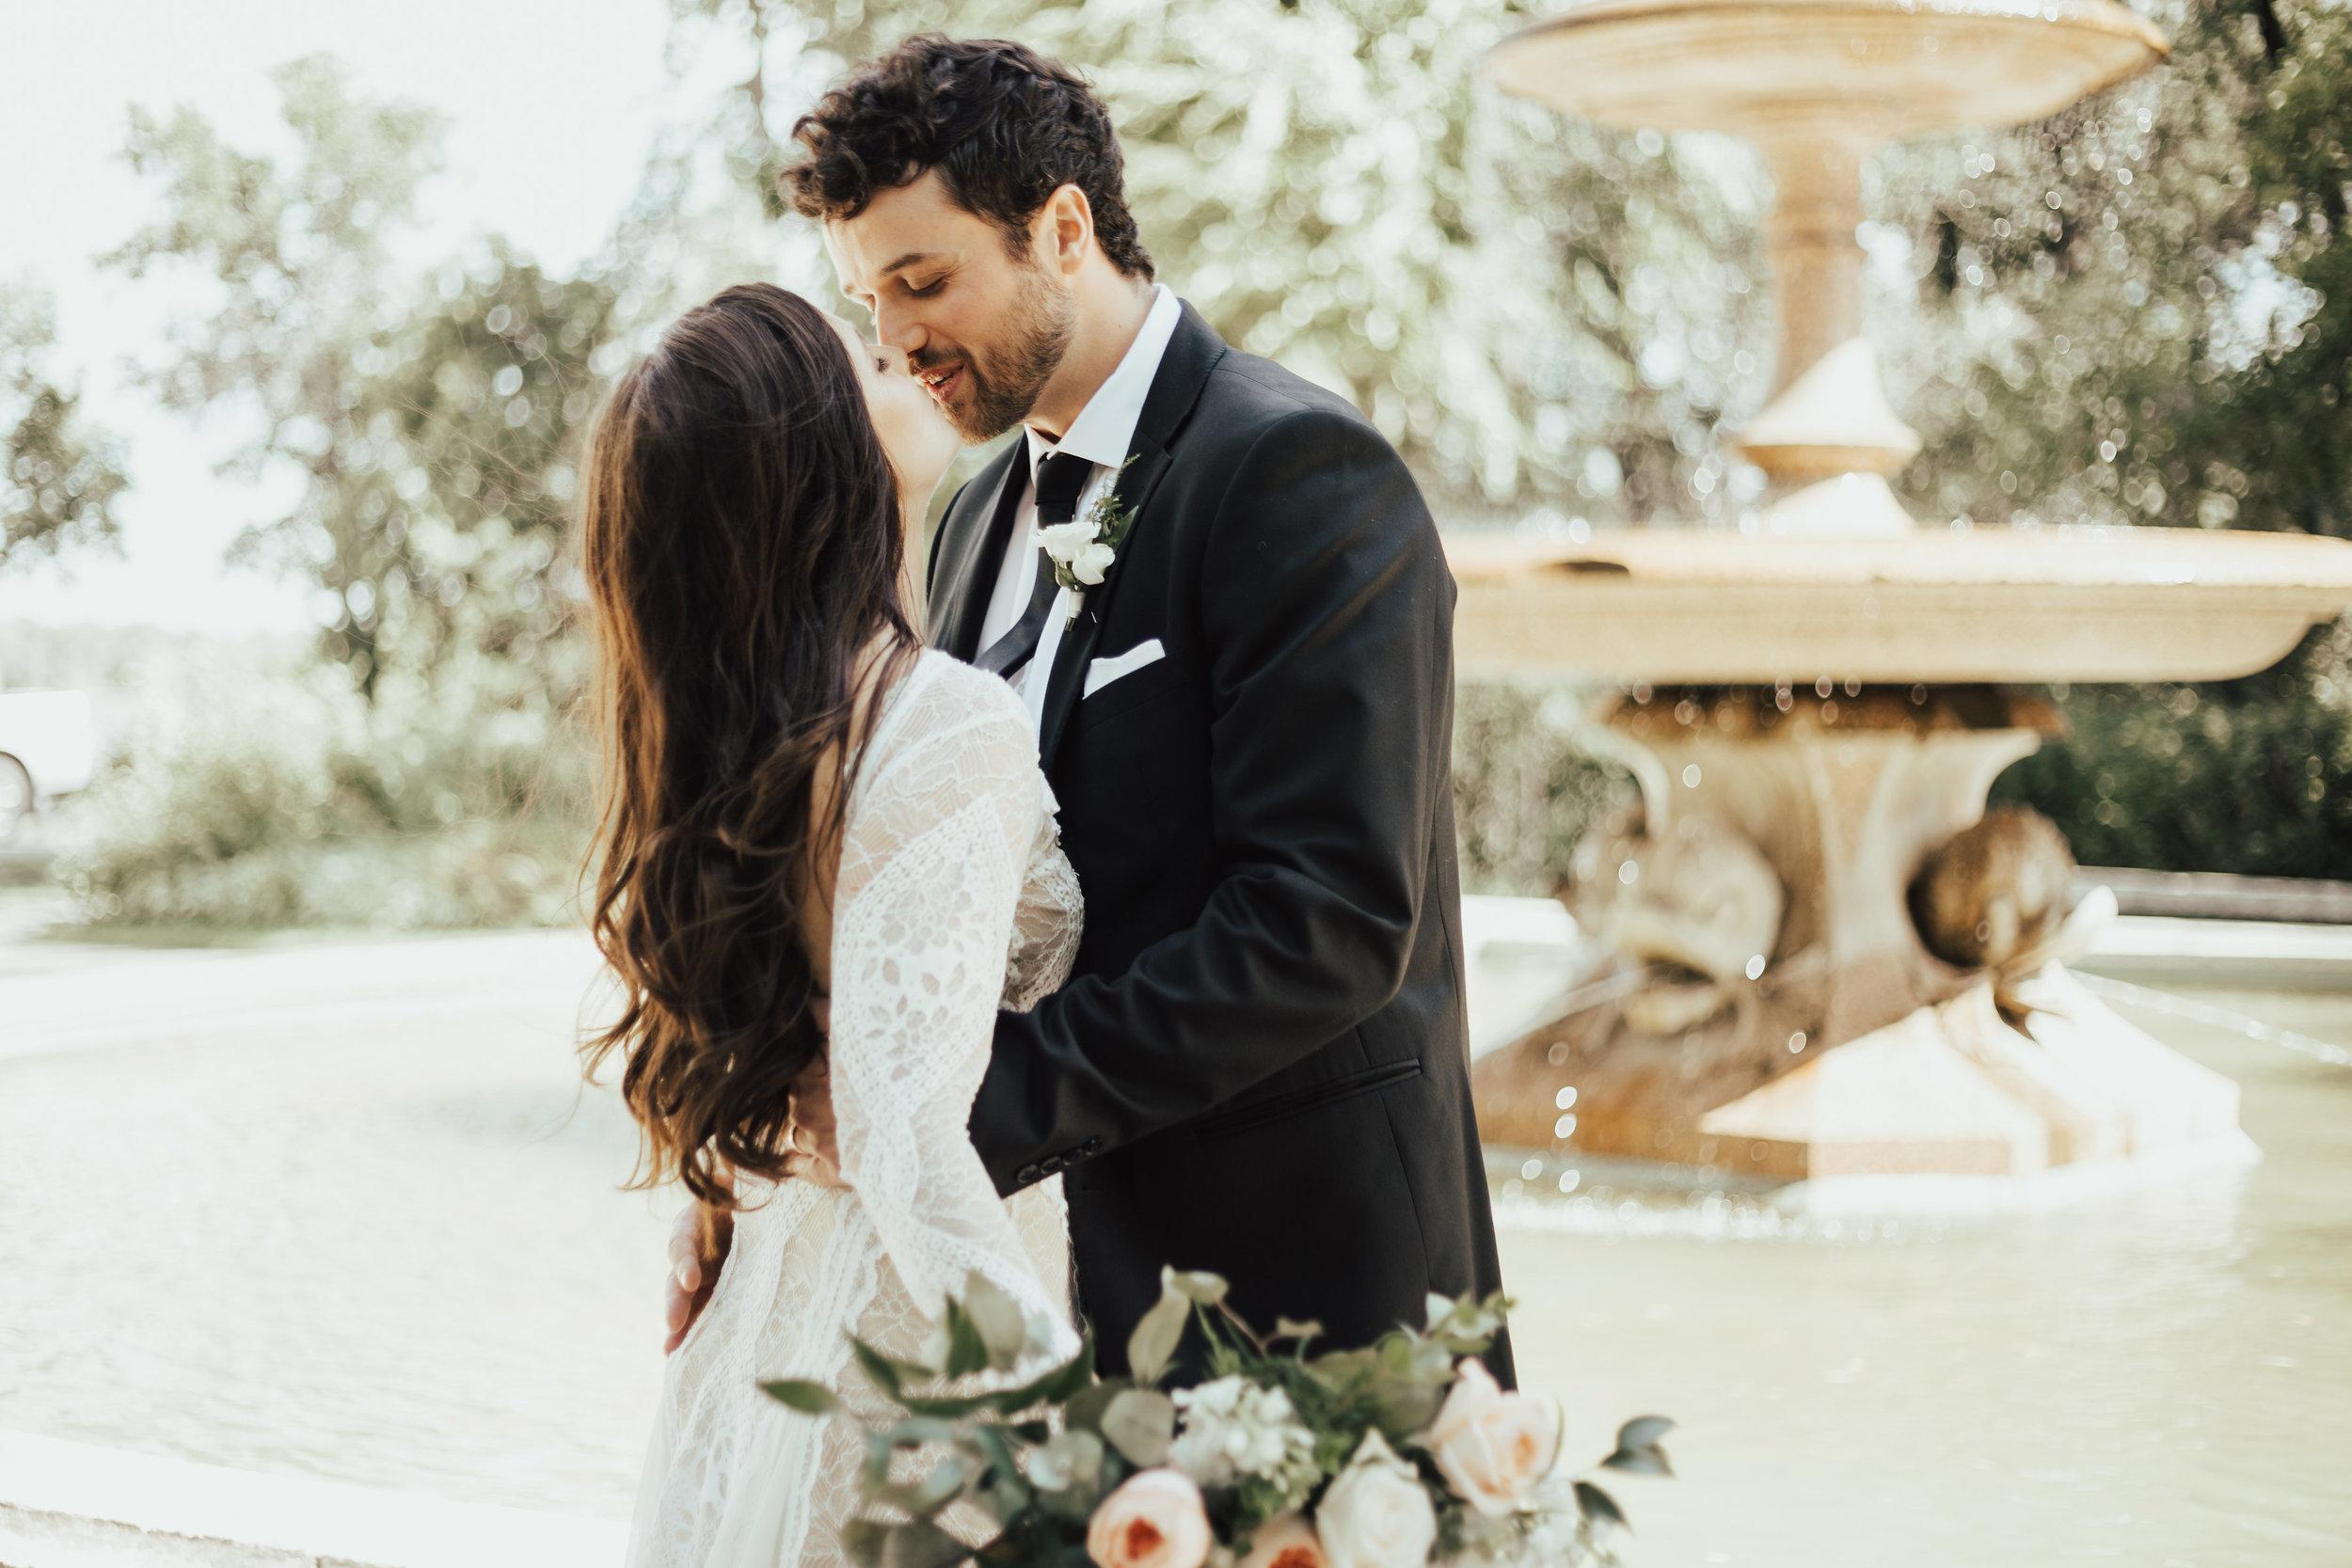 Fountain wedding kiss